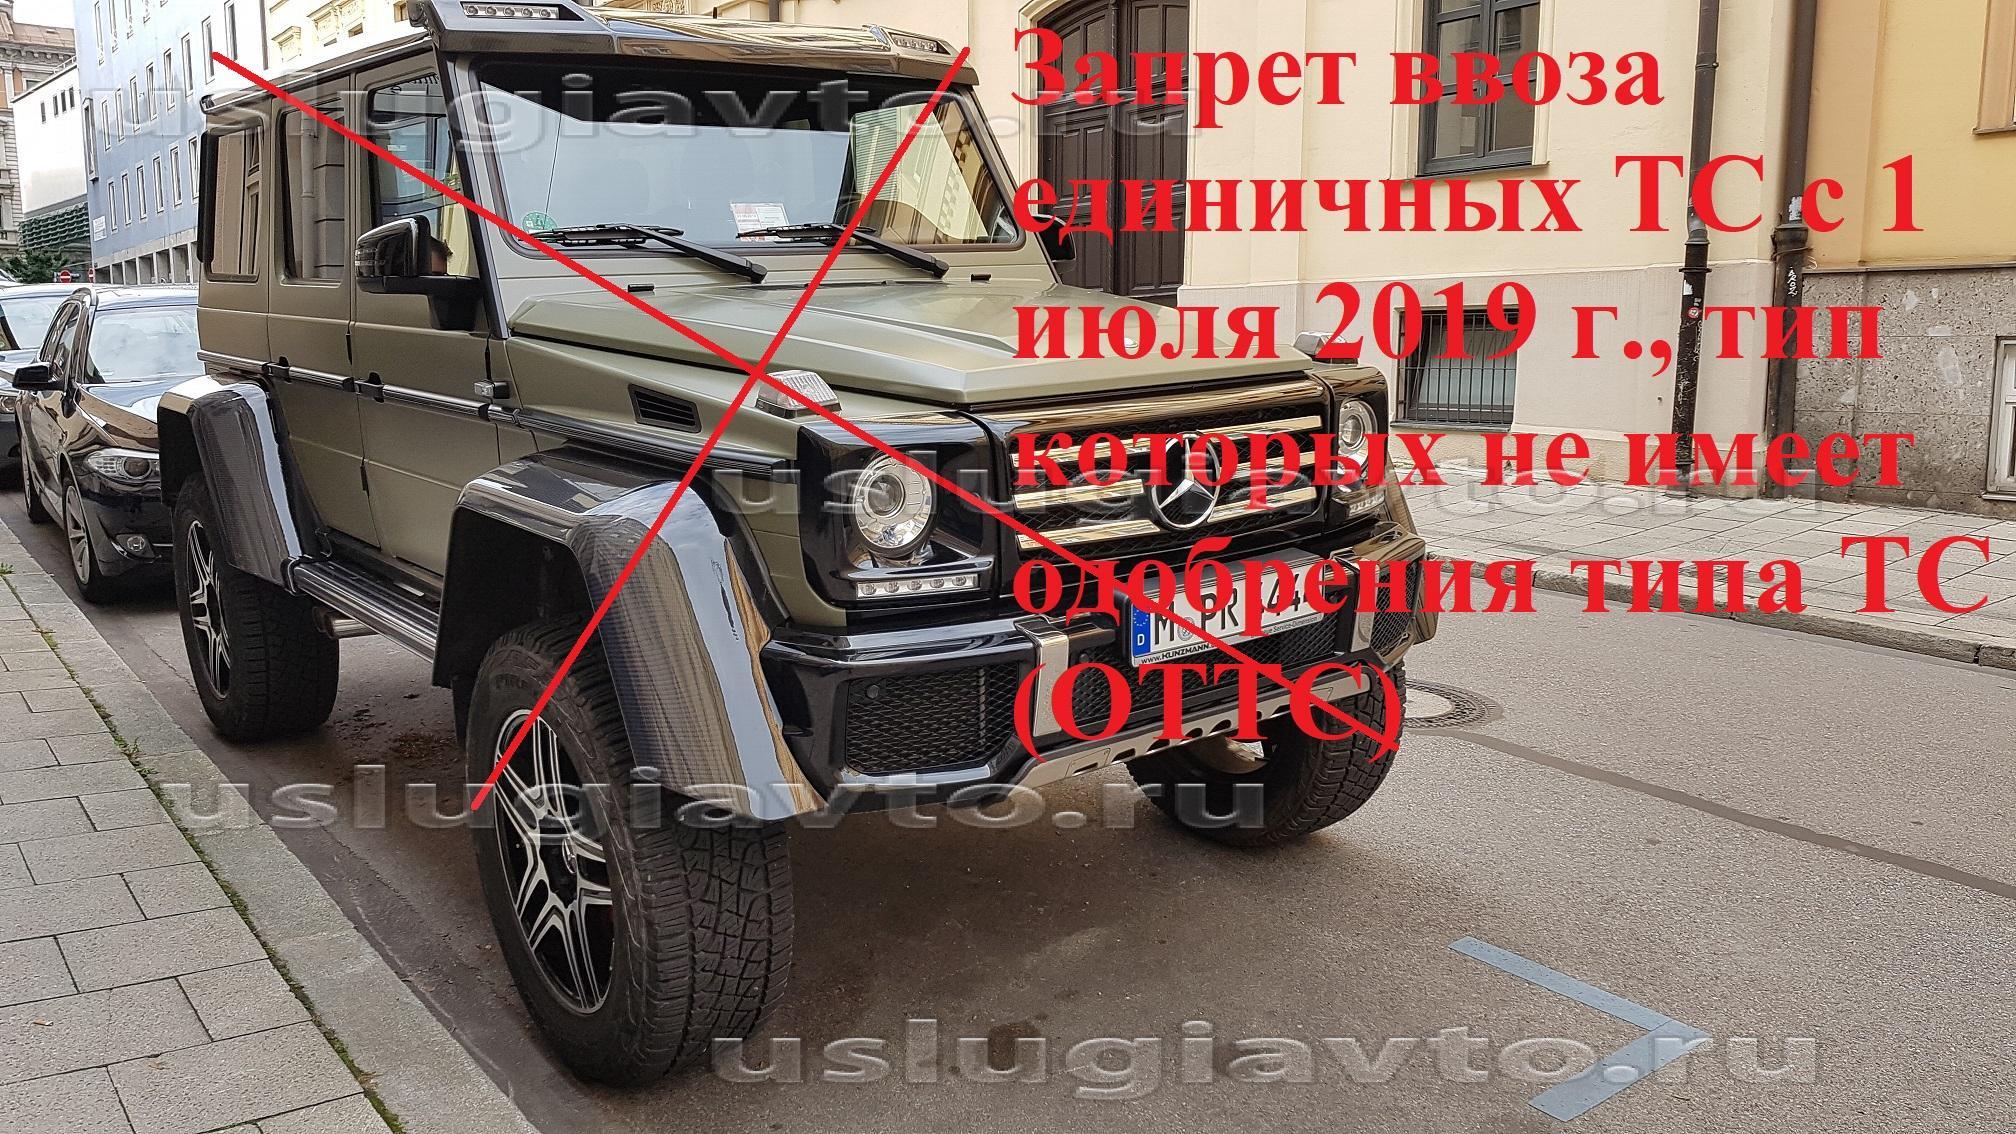 Нажмите на изображение для увеличения.  Название:Mercedes gelendvagen 4x4x2.jpg Просмотров:2 Размер:1.12 Мб ID:36023